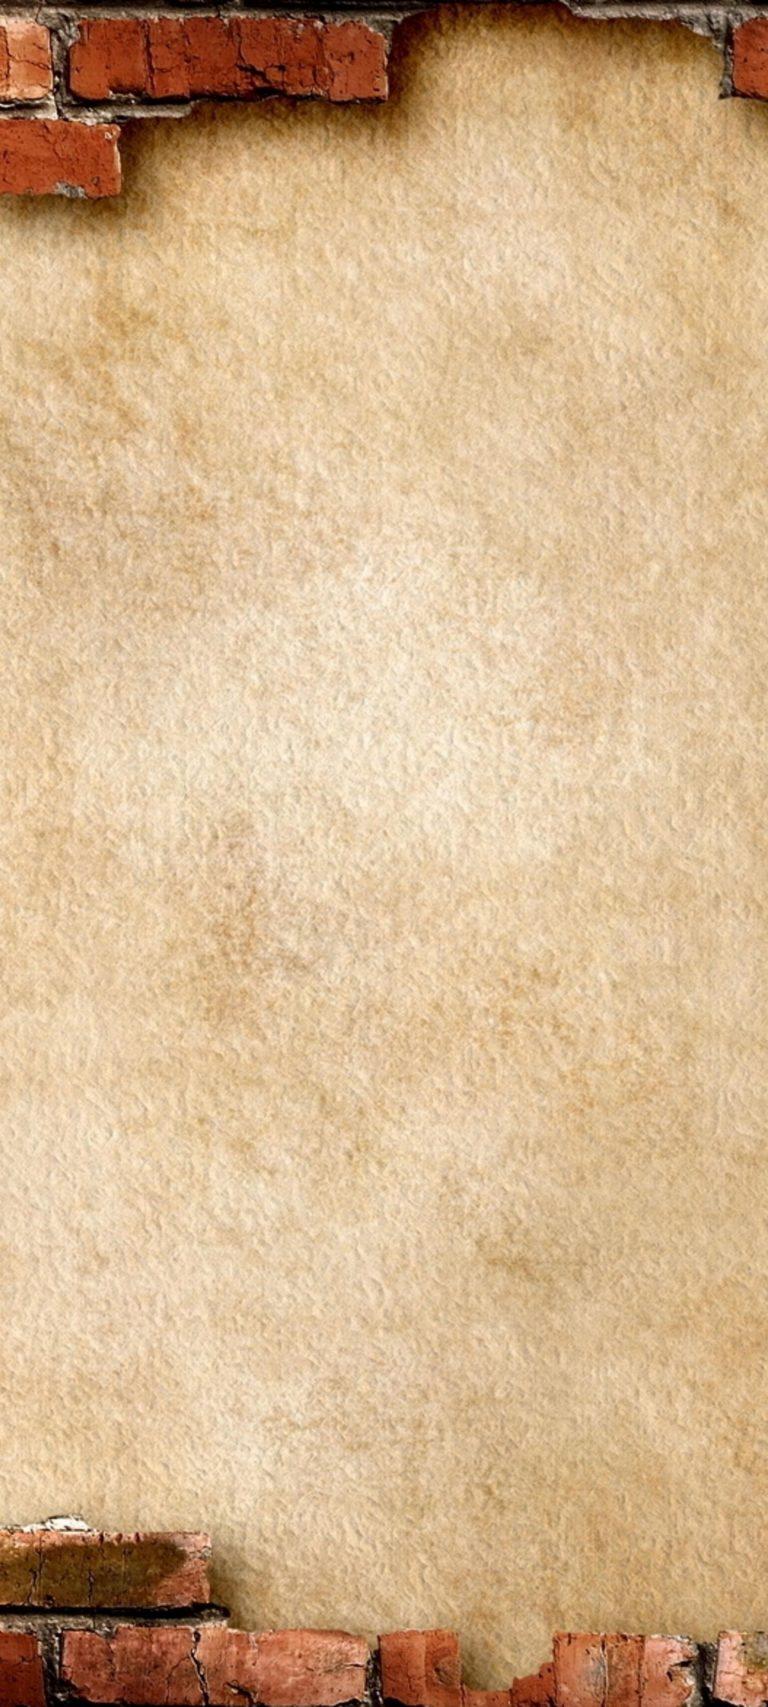 1440x3200 HD Wallpaper 170 768x1707 - 1440x3200 HD Wallpaper - 170